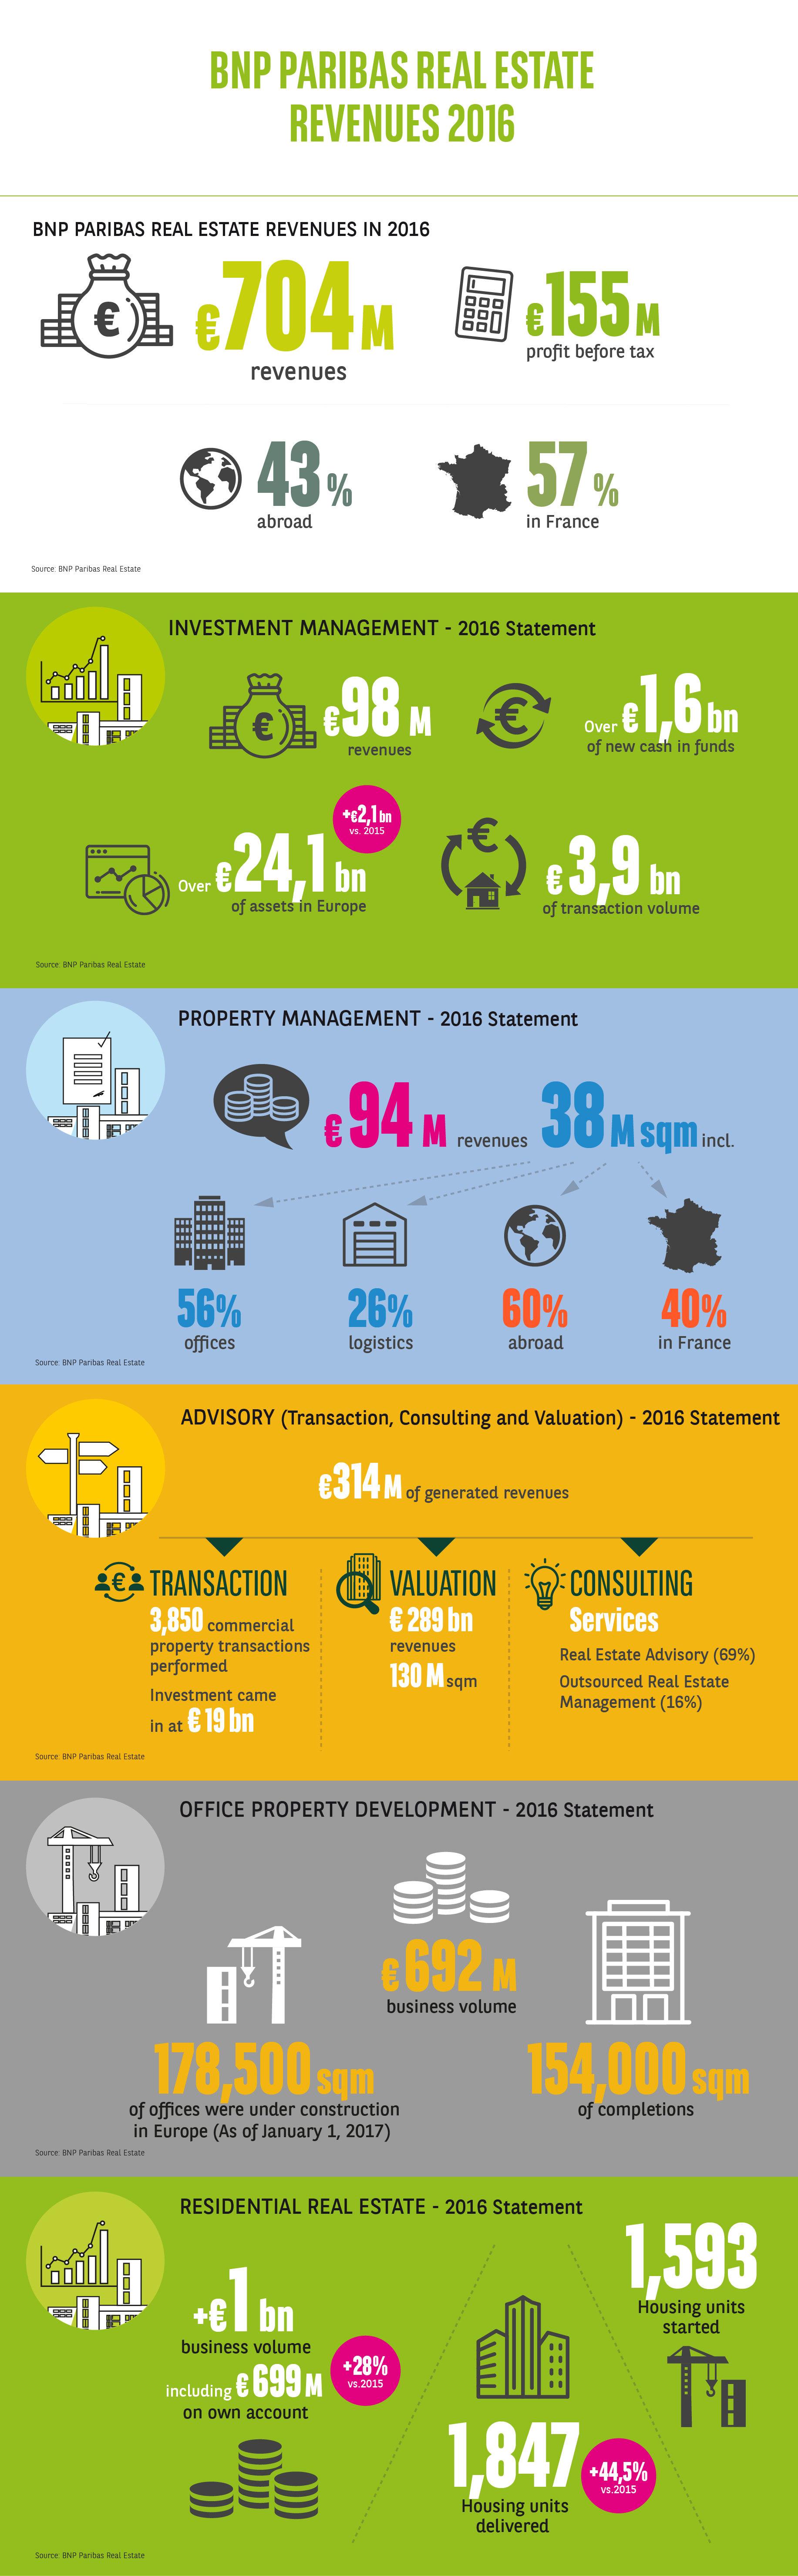 BNP Paribas Real Estate generuje w 2016 roku 704 miliony euro przychodów*